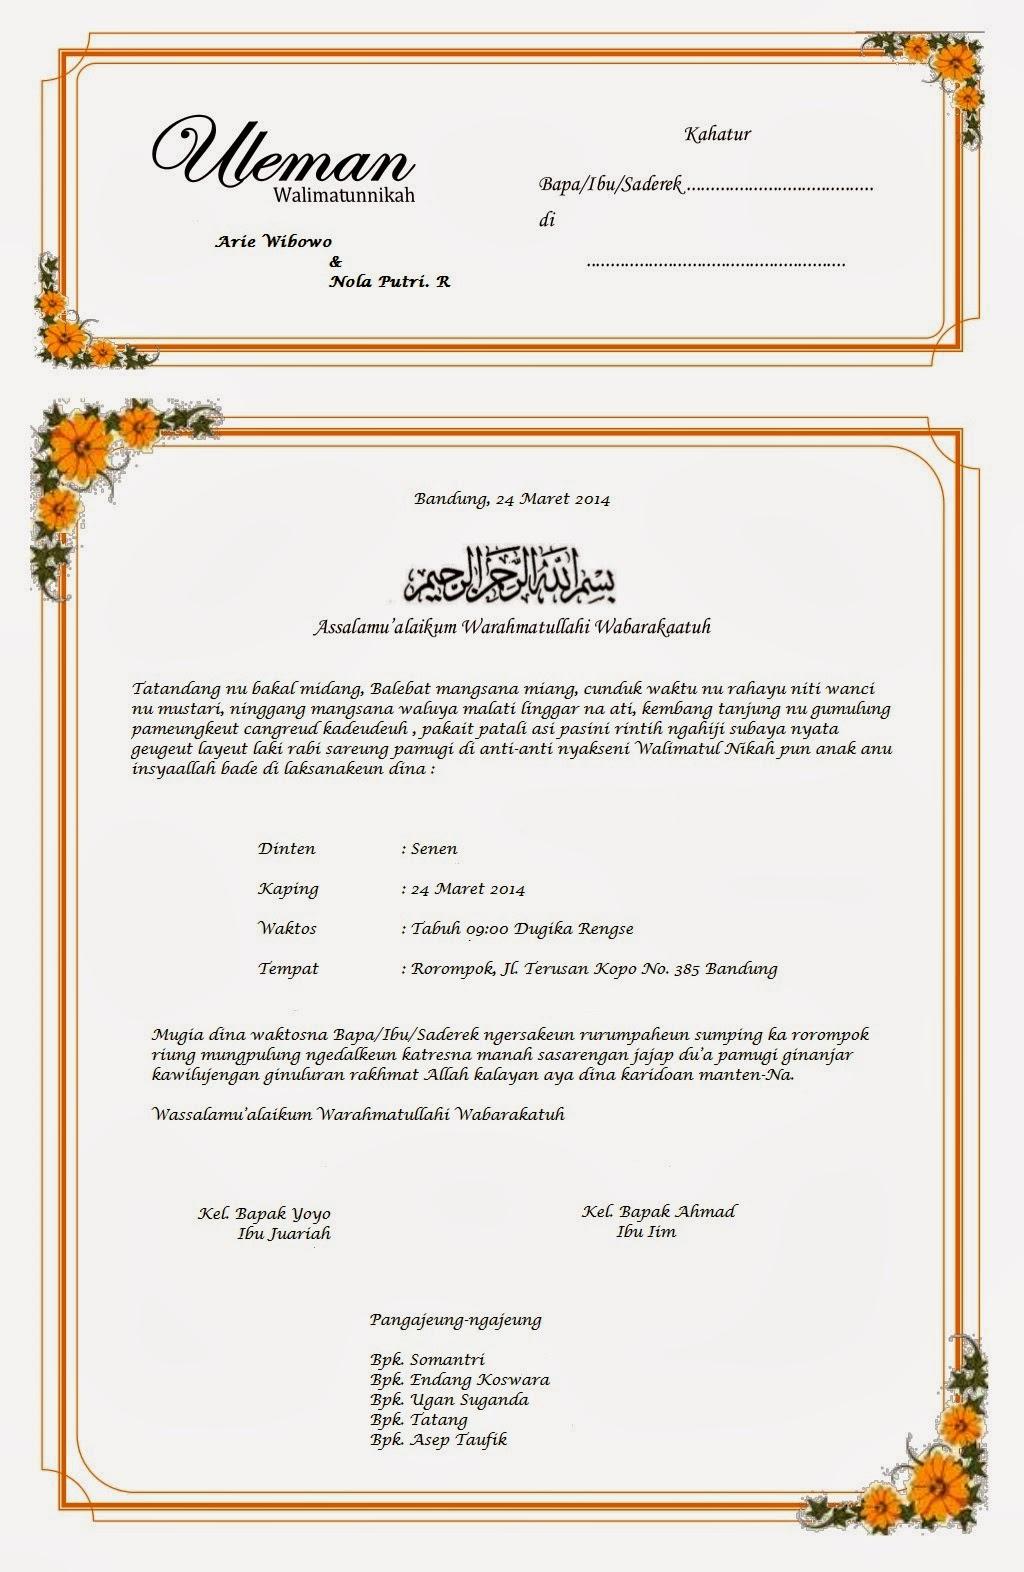 Contoh Surat Undangan Pernikahan Dalam Bahasa Sunda